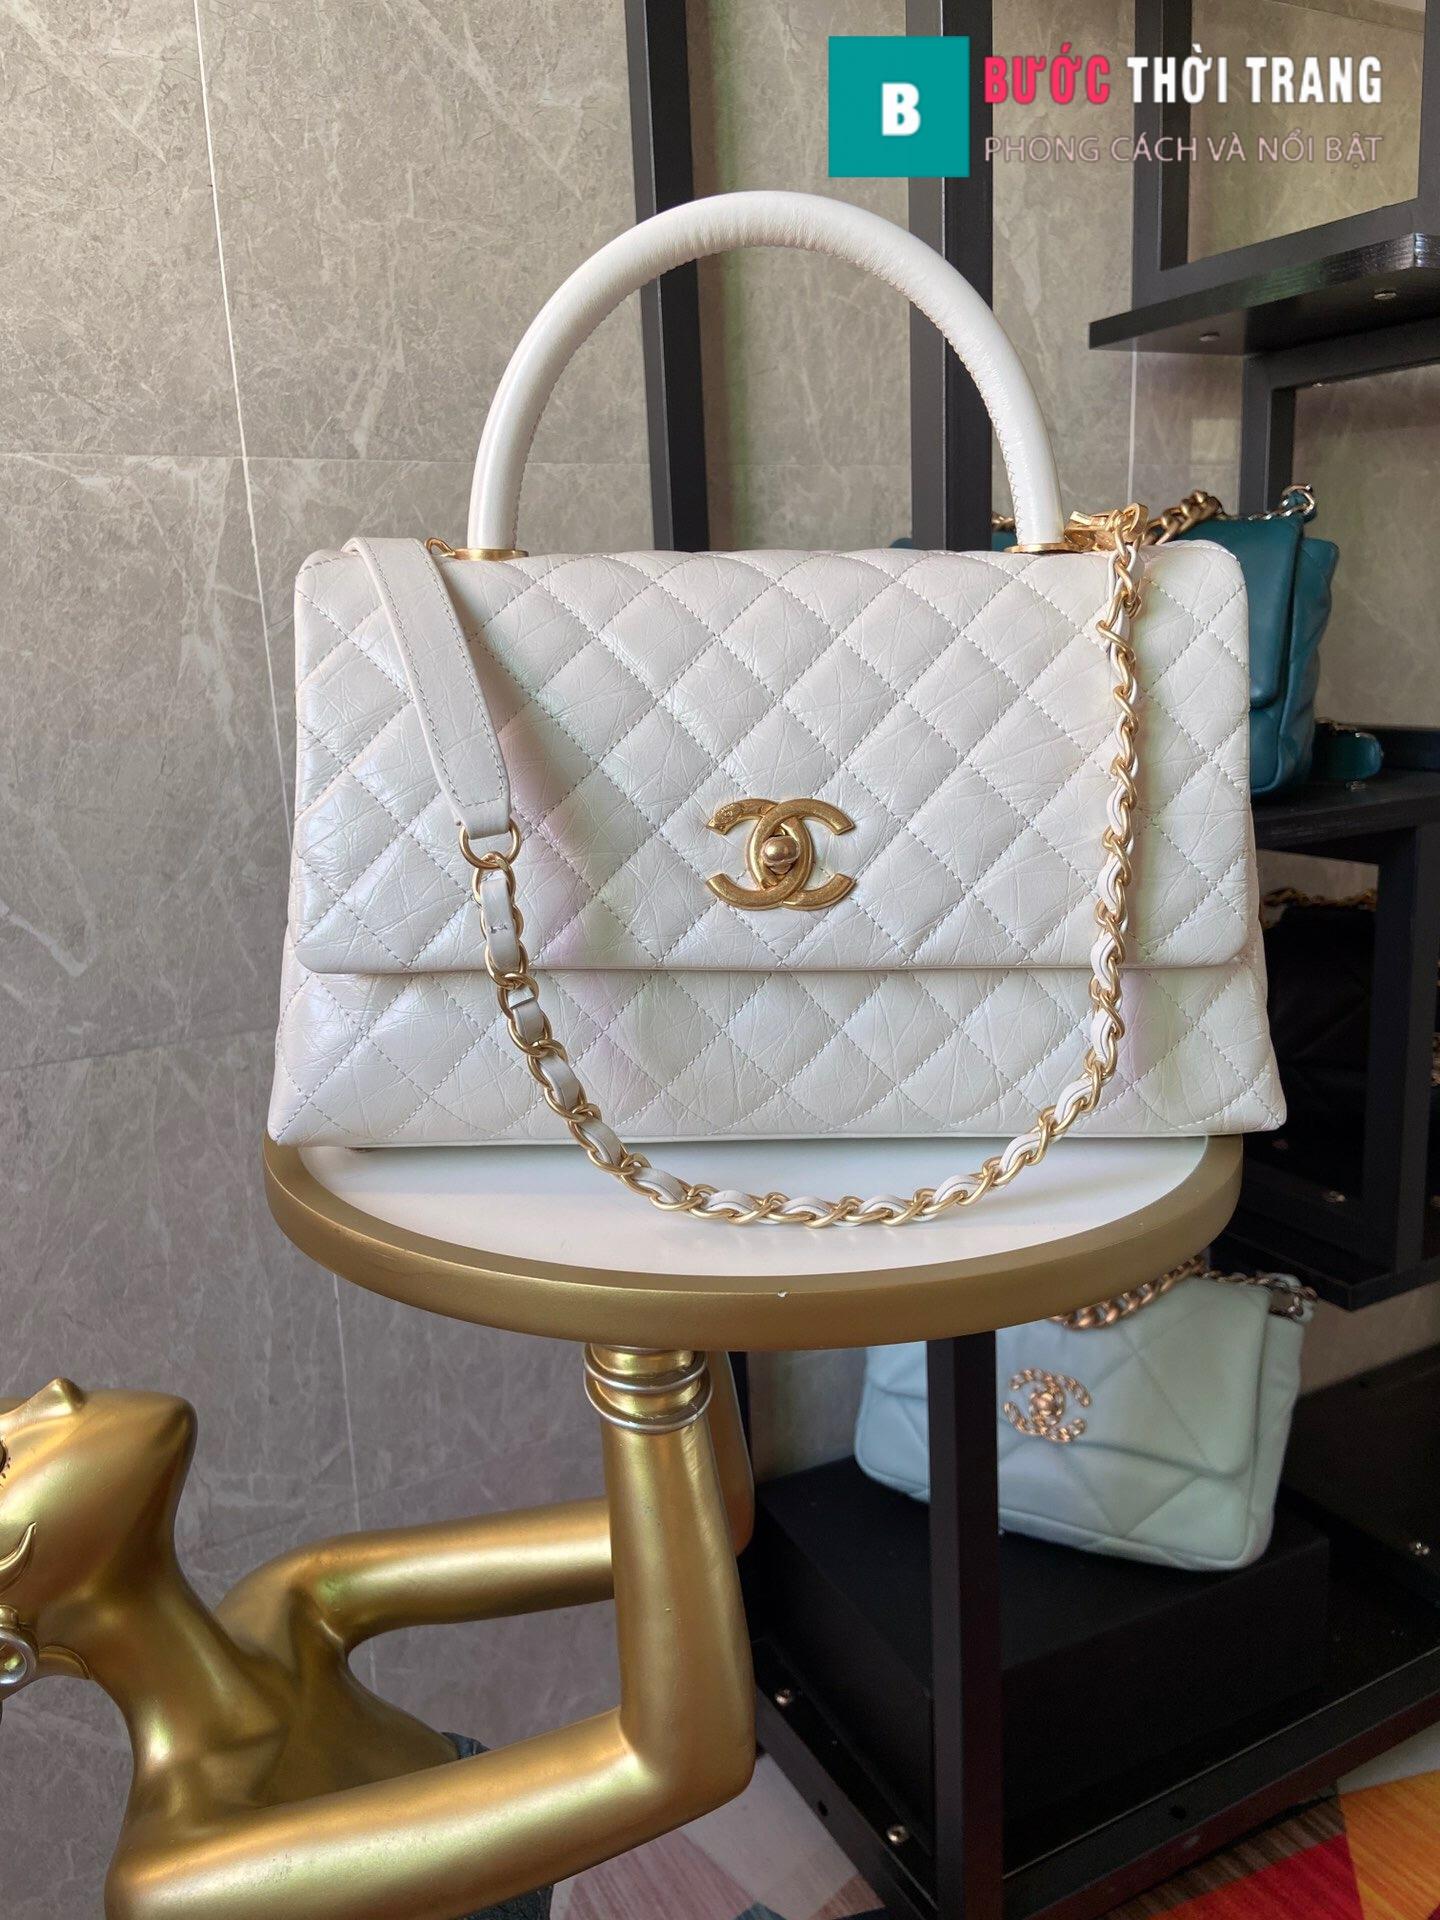 Túi xách Chanel Coco siêu cấp size 29 cm – A92992 (20)